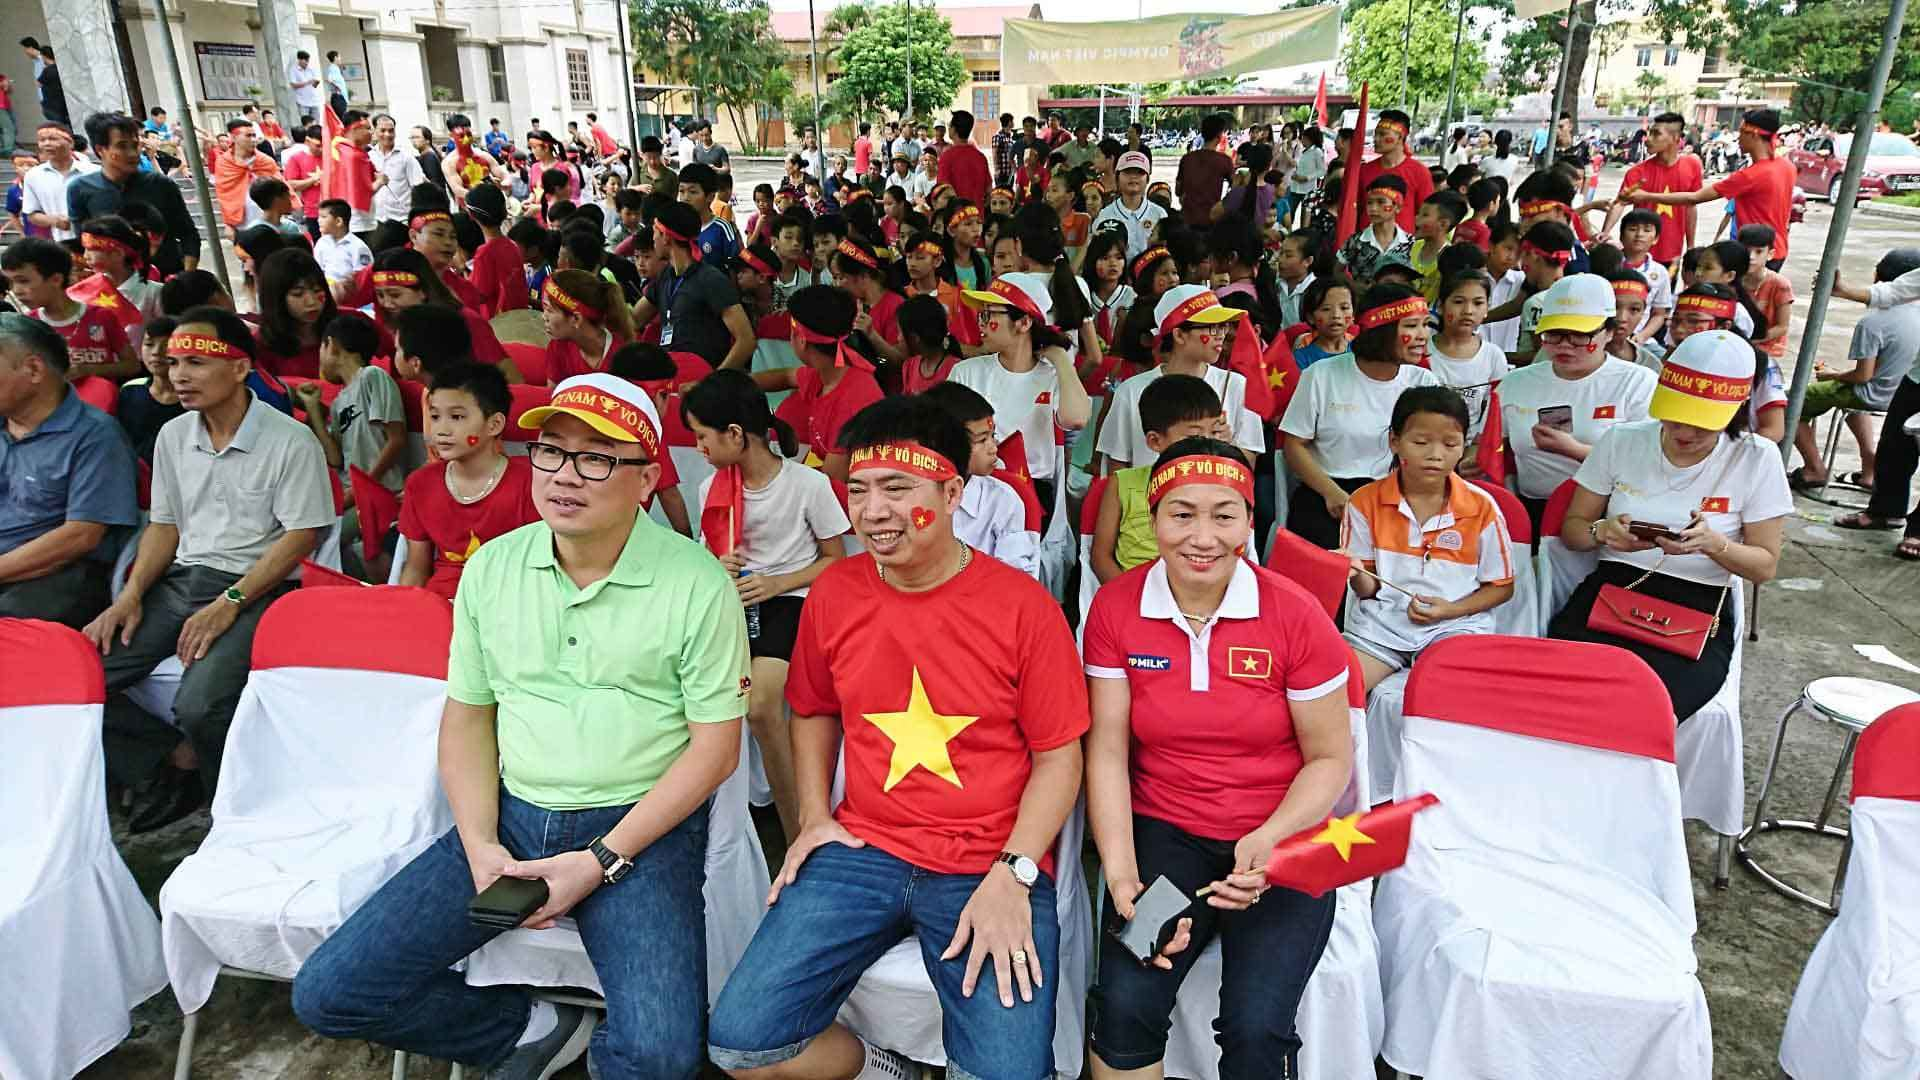 U23 Việt Nam,thủ môn Bùi Tiến Dũng,Văn Toàn,Công Phượng,trung vệ Bùi Tiến Dũng